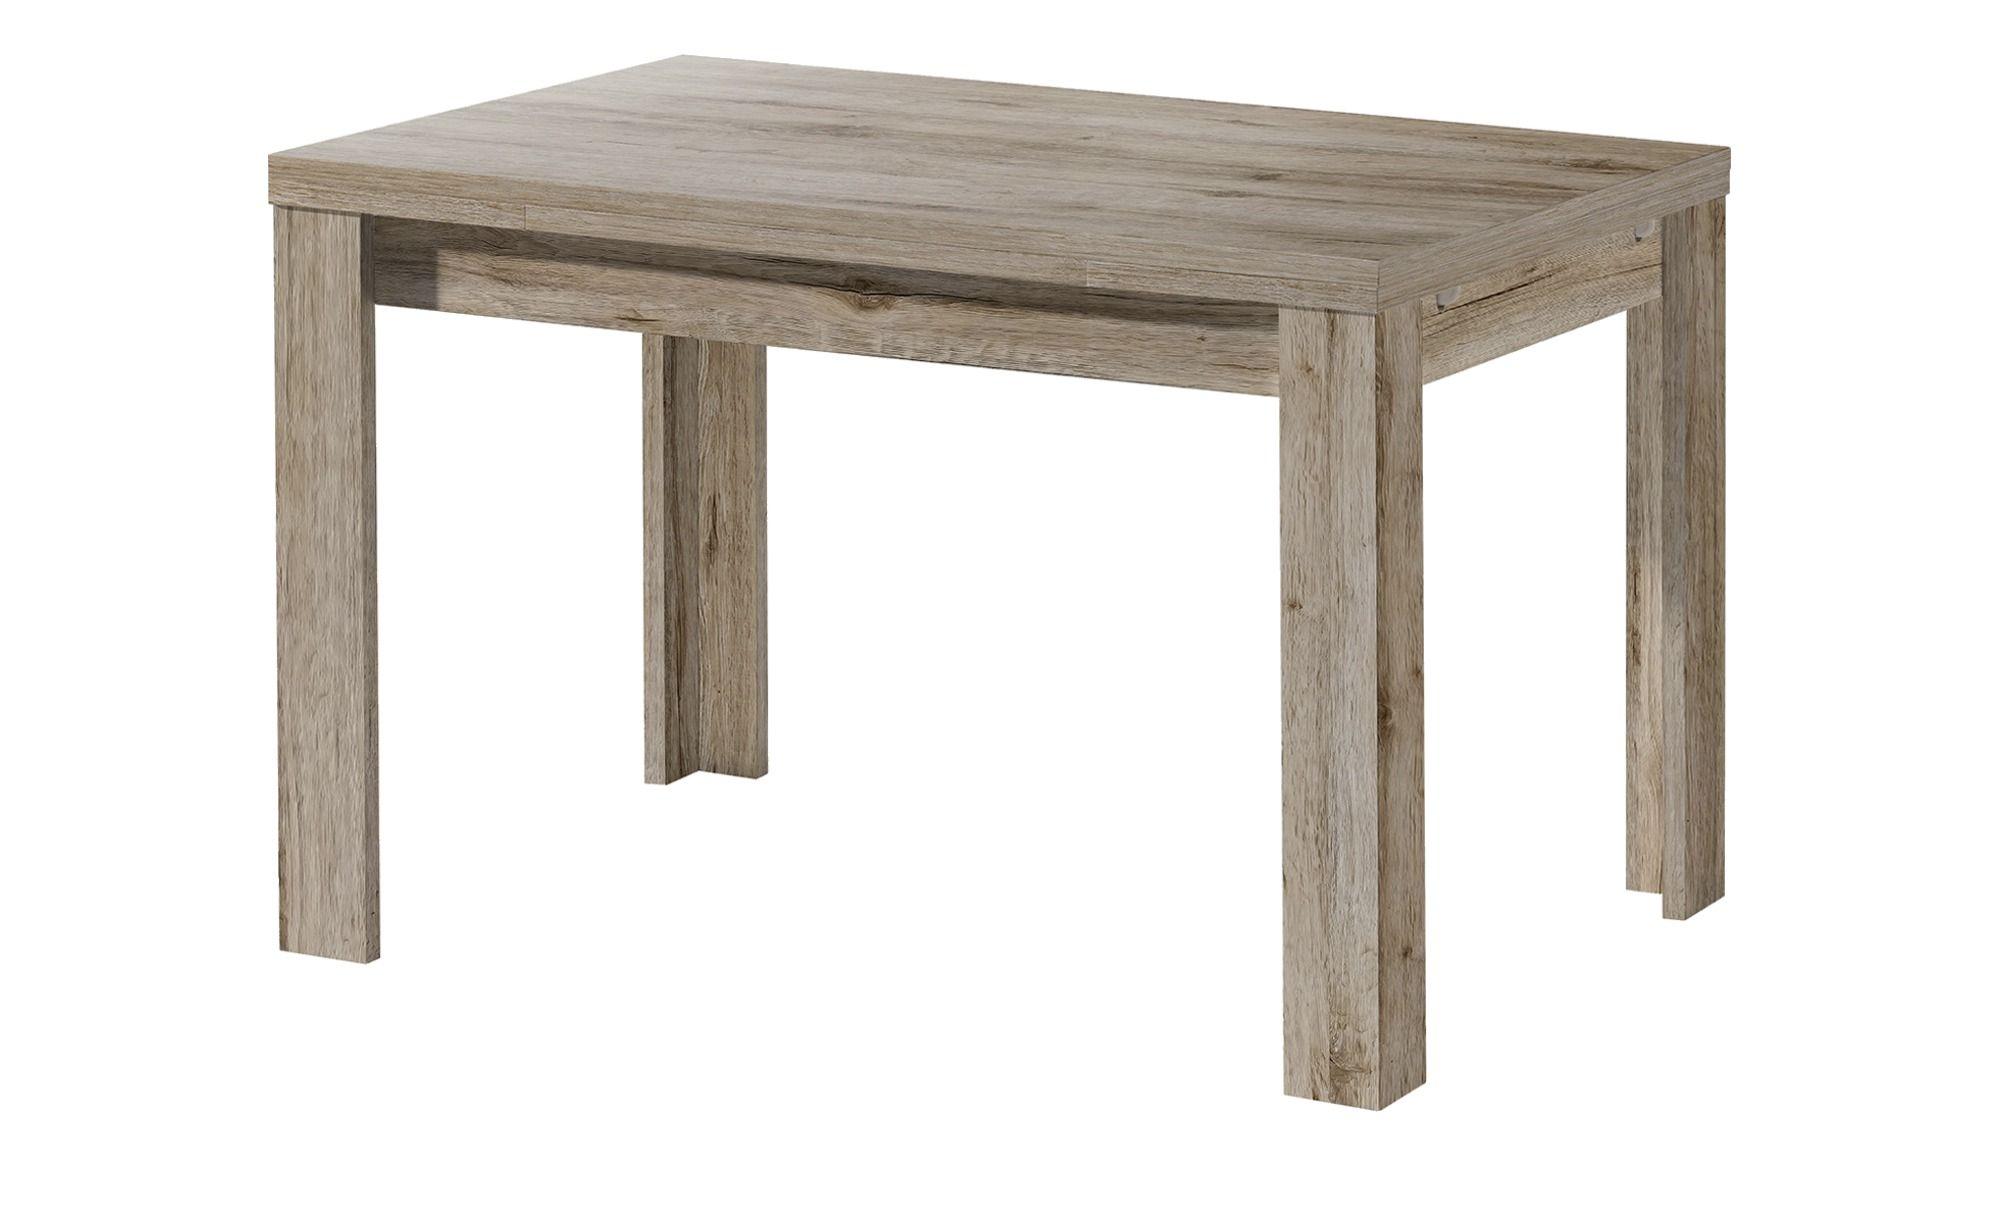 Esstisch holzfarben 80 cm 78 cm Tische > Esstische